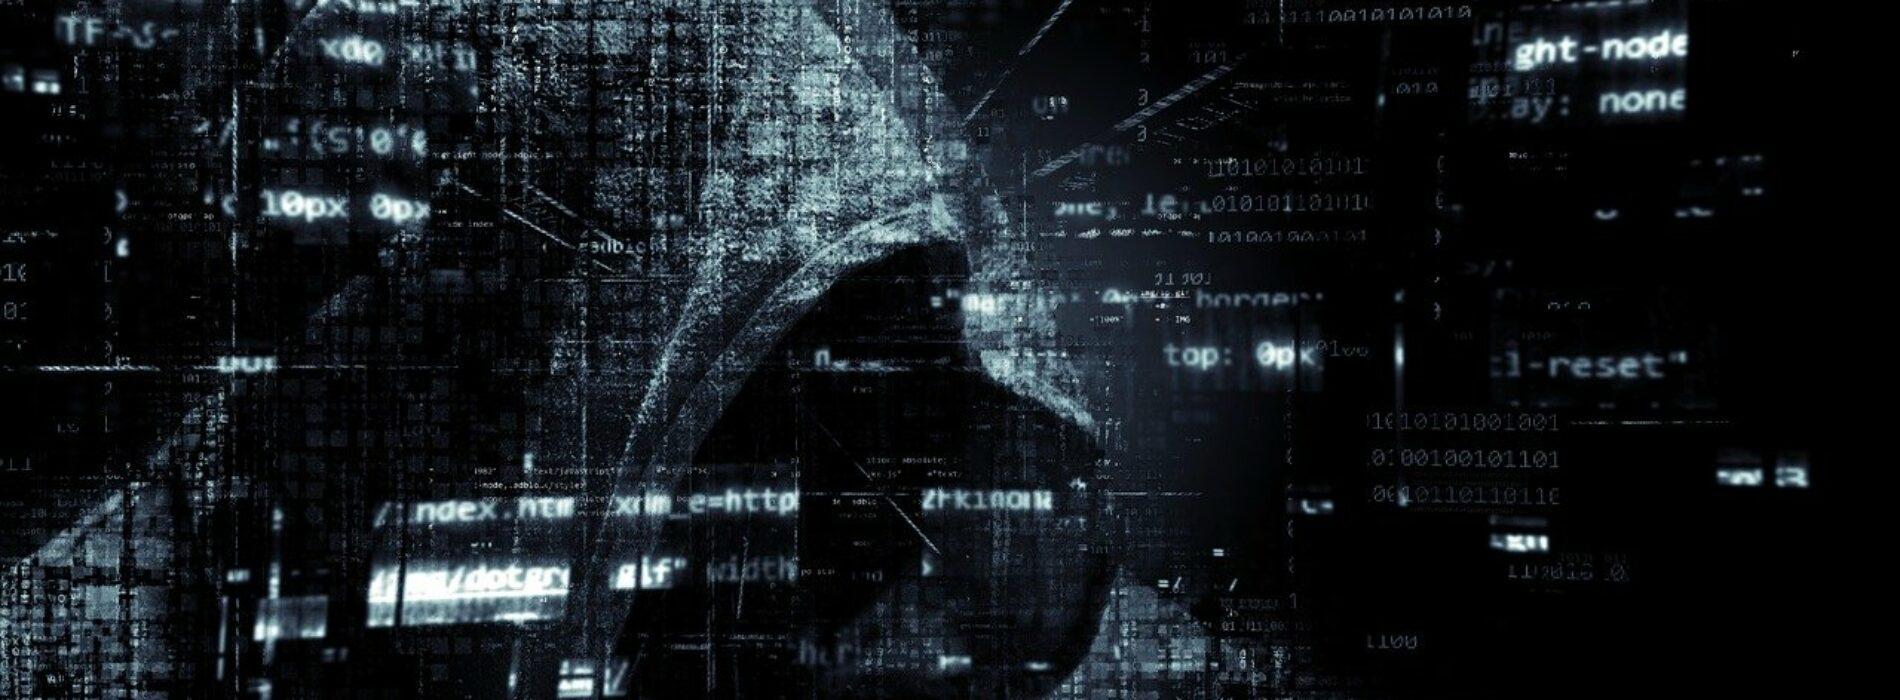 Oszustwa przy sprzedaży w internecie, Bądźmy ostrożni